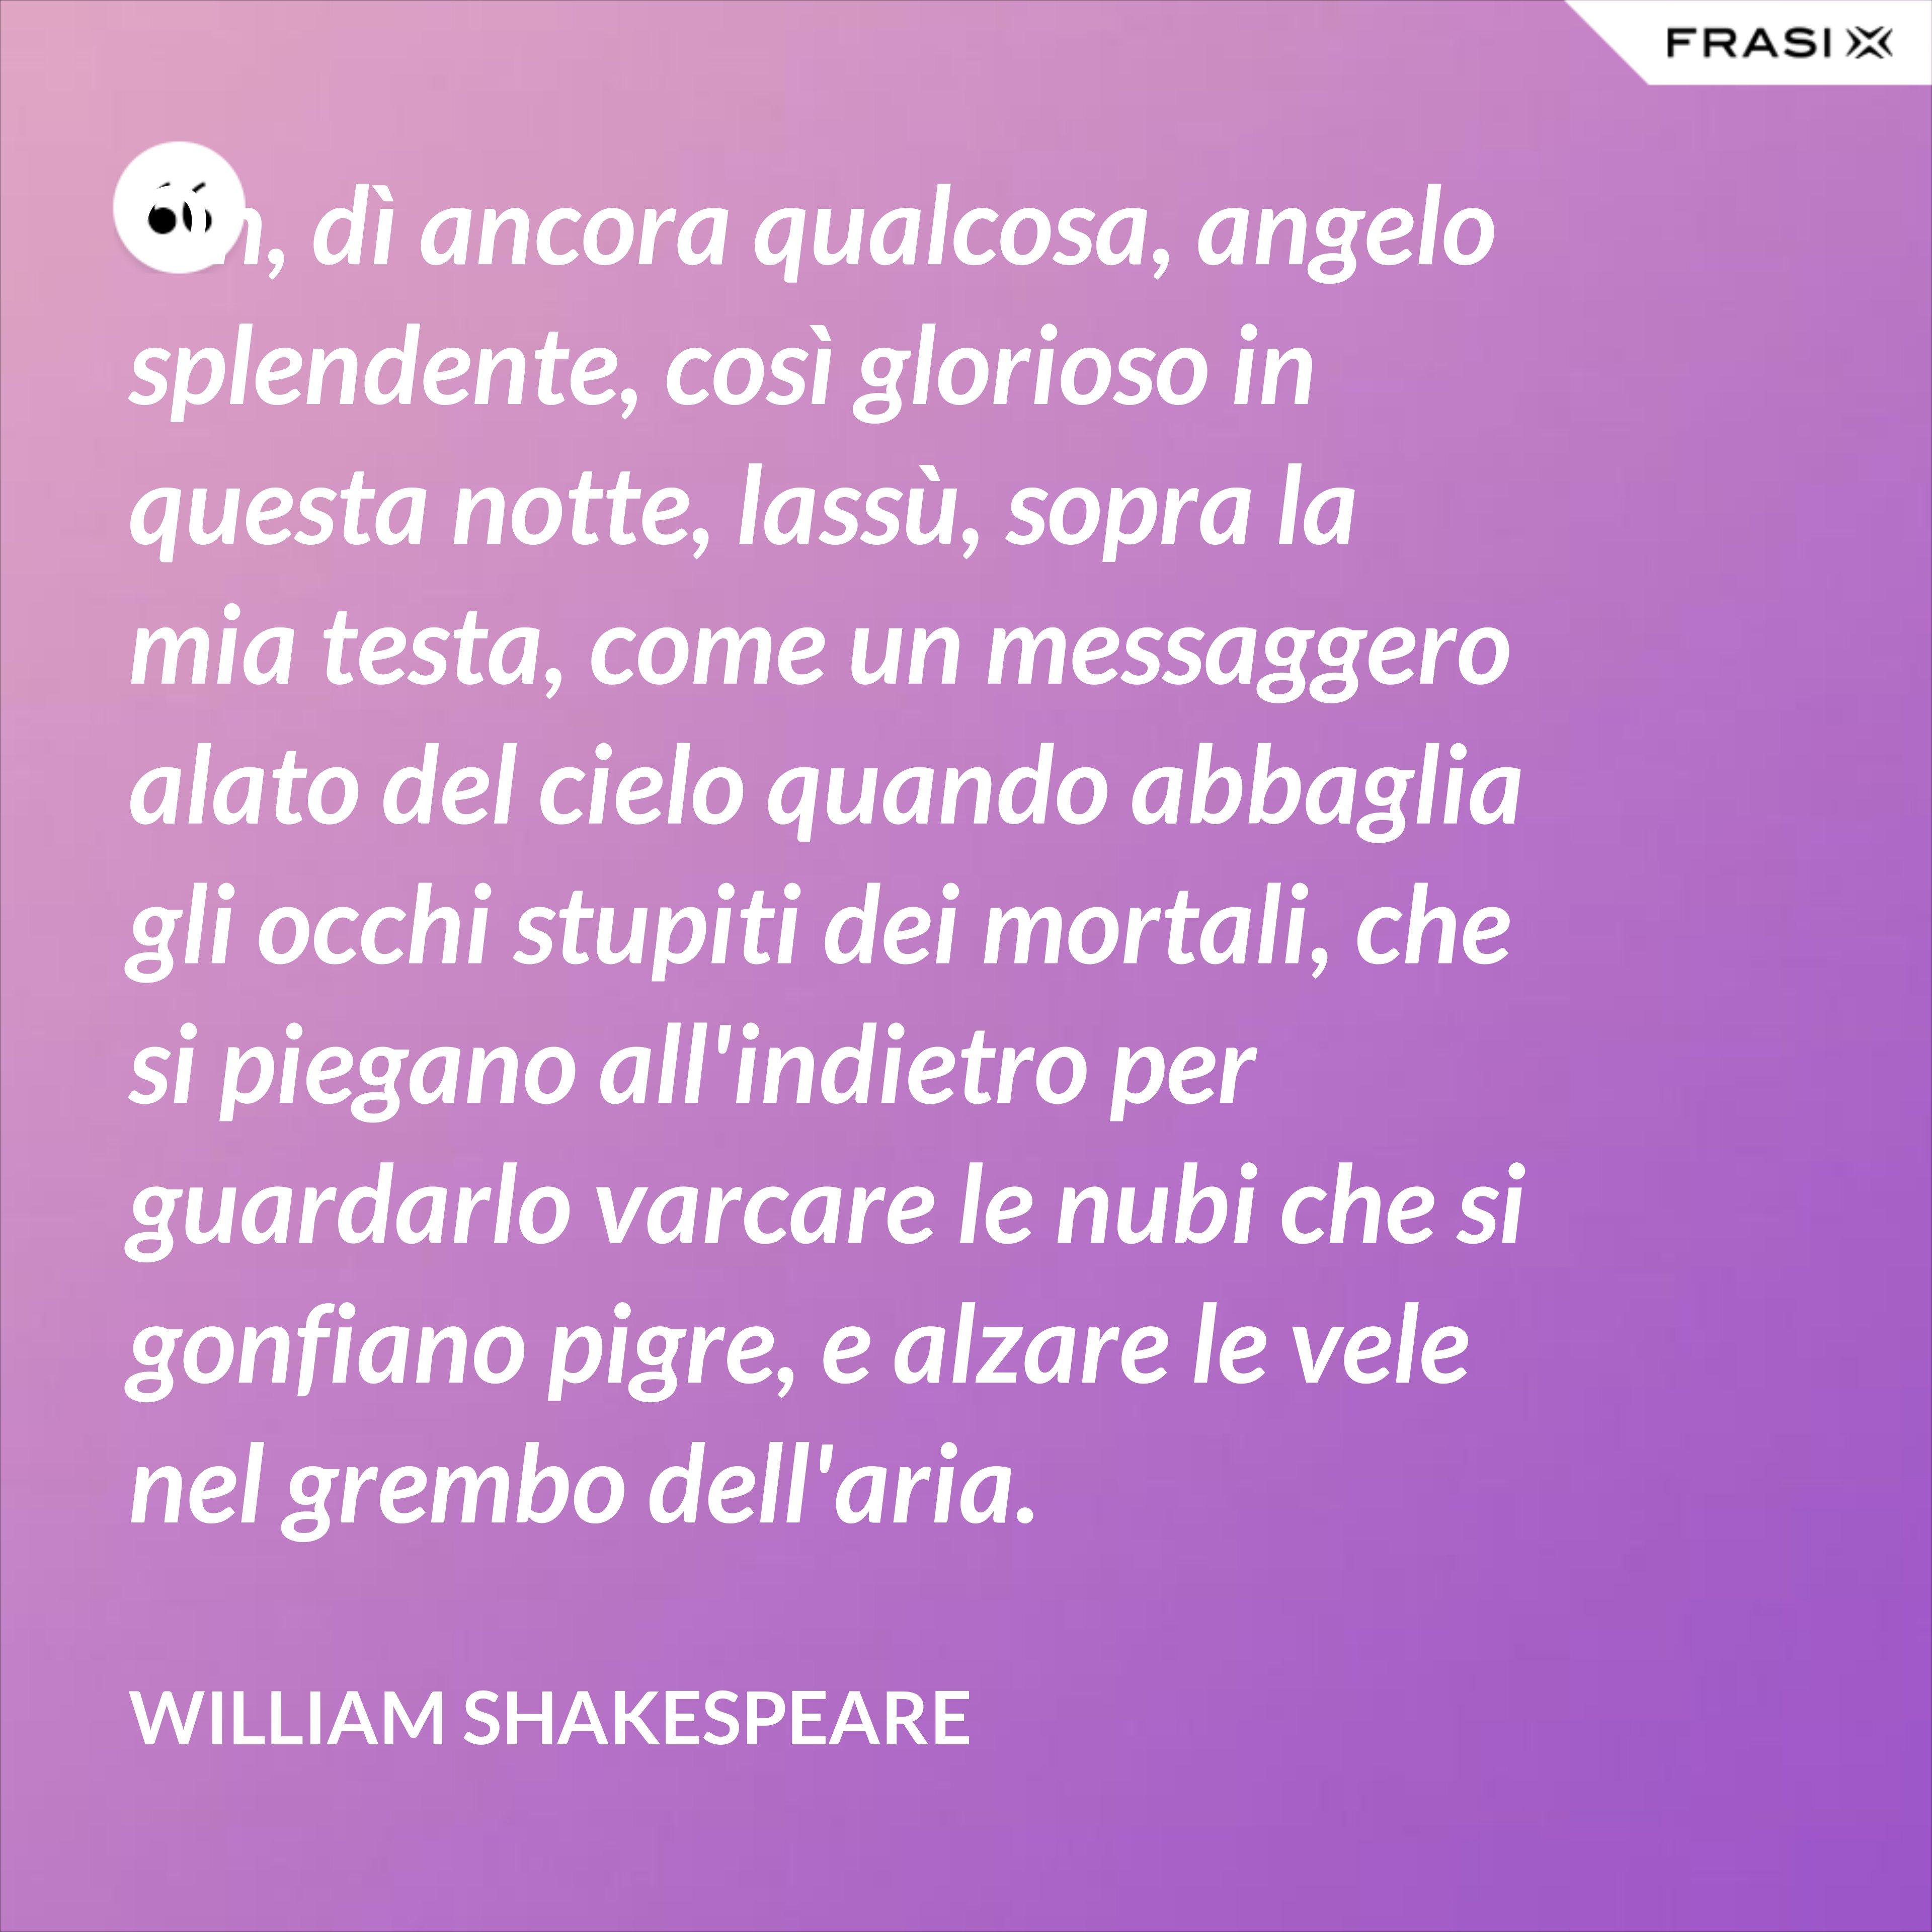 Oh, dì ancora qualcosa, angelo splendente, così glorioso in questa notte, lassù, sopra la mia testa, come un messaggero alato del cielo quando abbaglia gli occhi stupiti dei mortali, che si piegano all'indietro per guardarlo varcare le nubi che si gonfiano pigre, e alzare le vele nel grembo dell'aria. - William Shakespeare